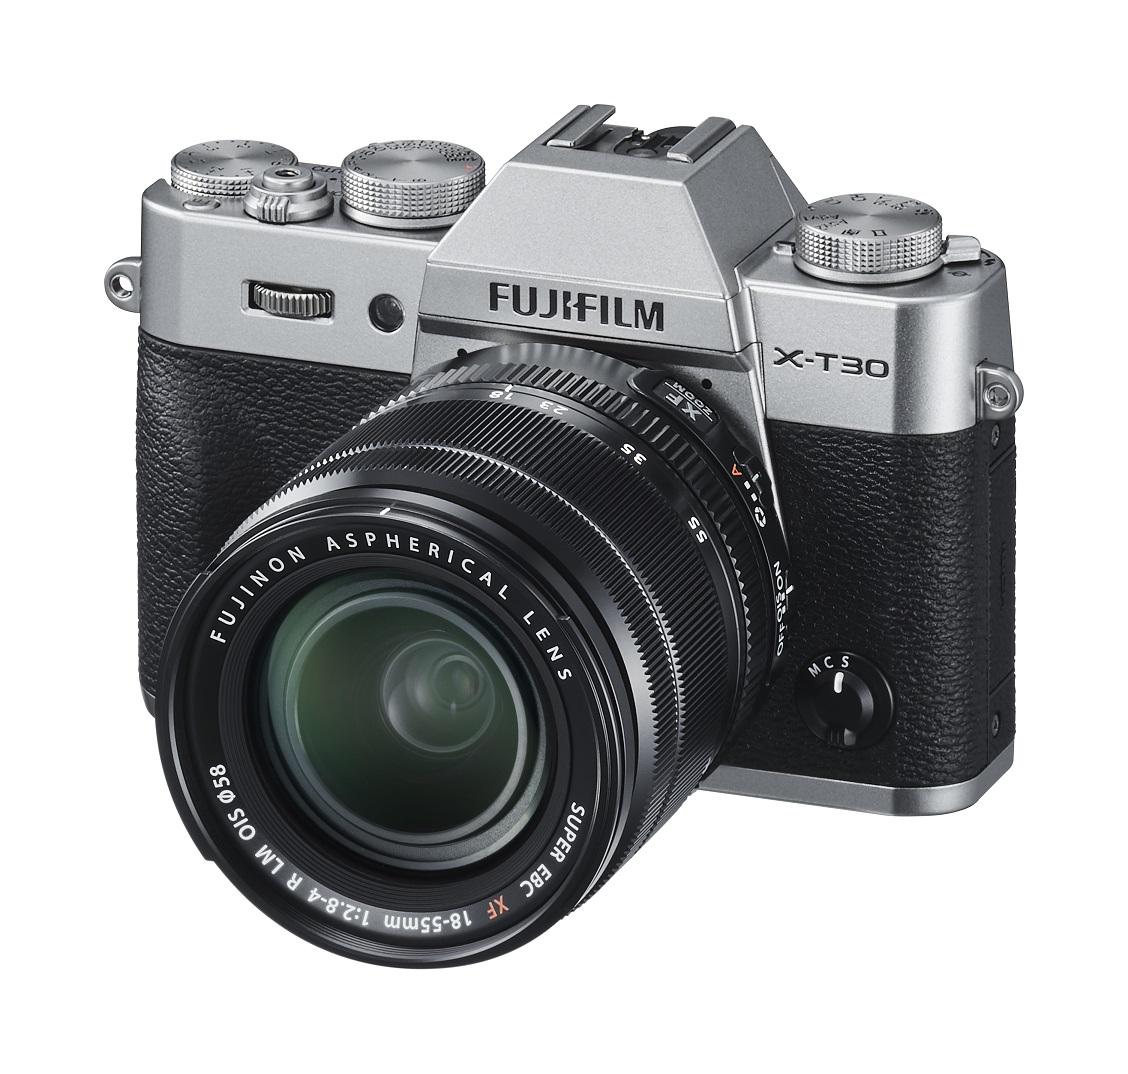 【初心者におすすめ】ミラーレスカメラX-T30のスペックまとめ